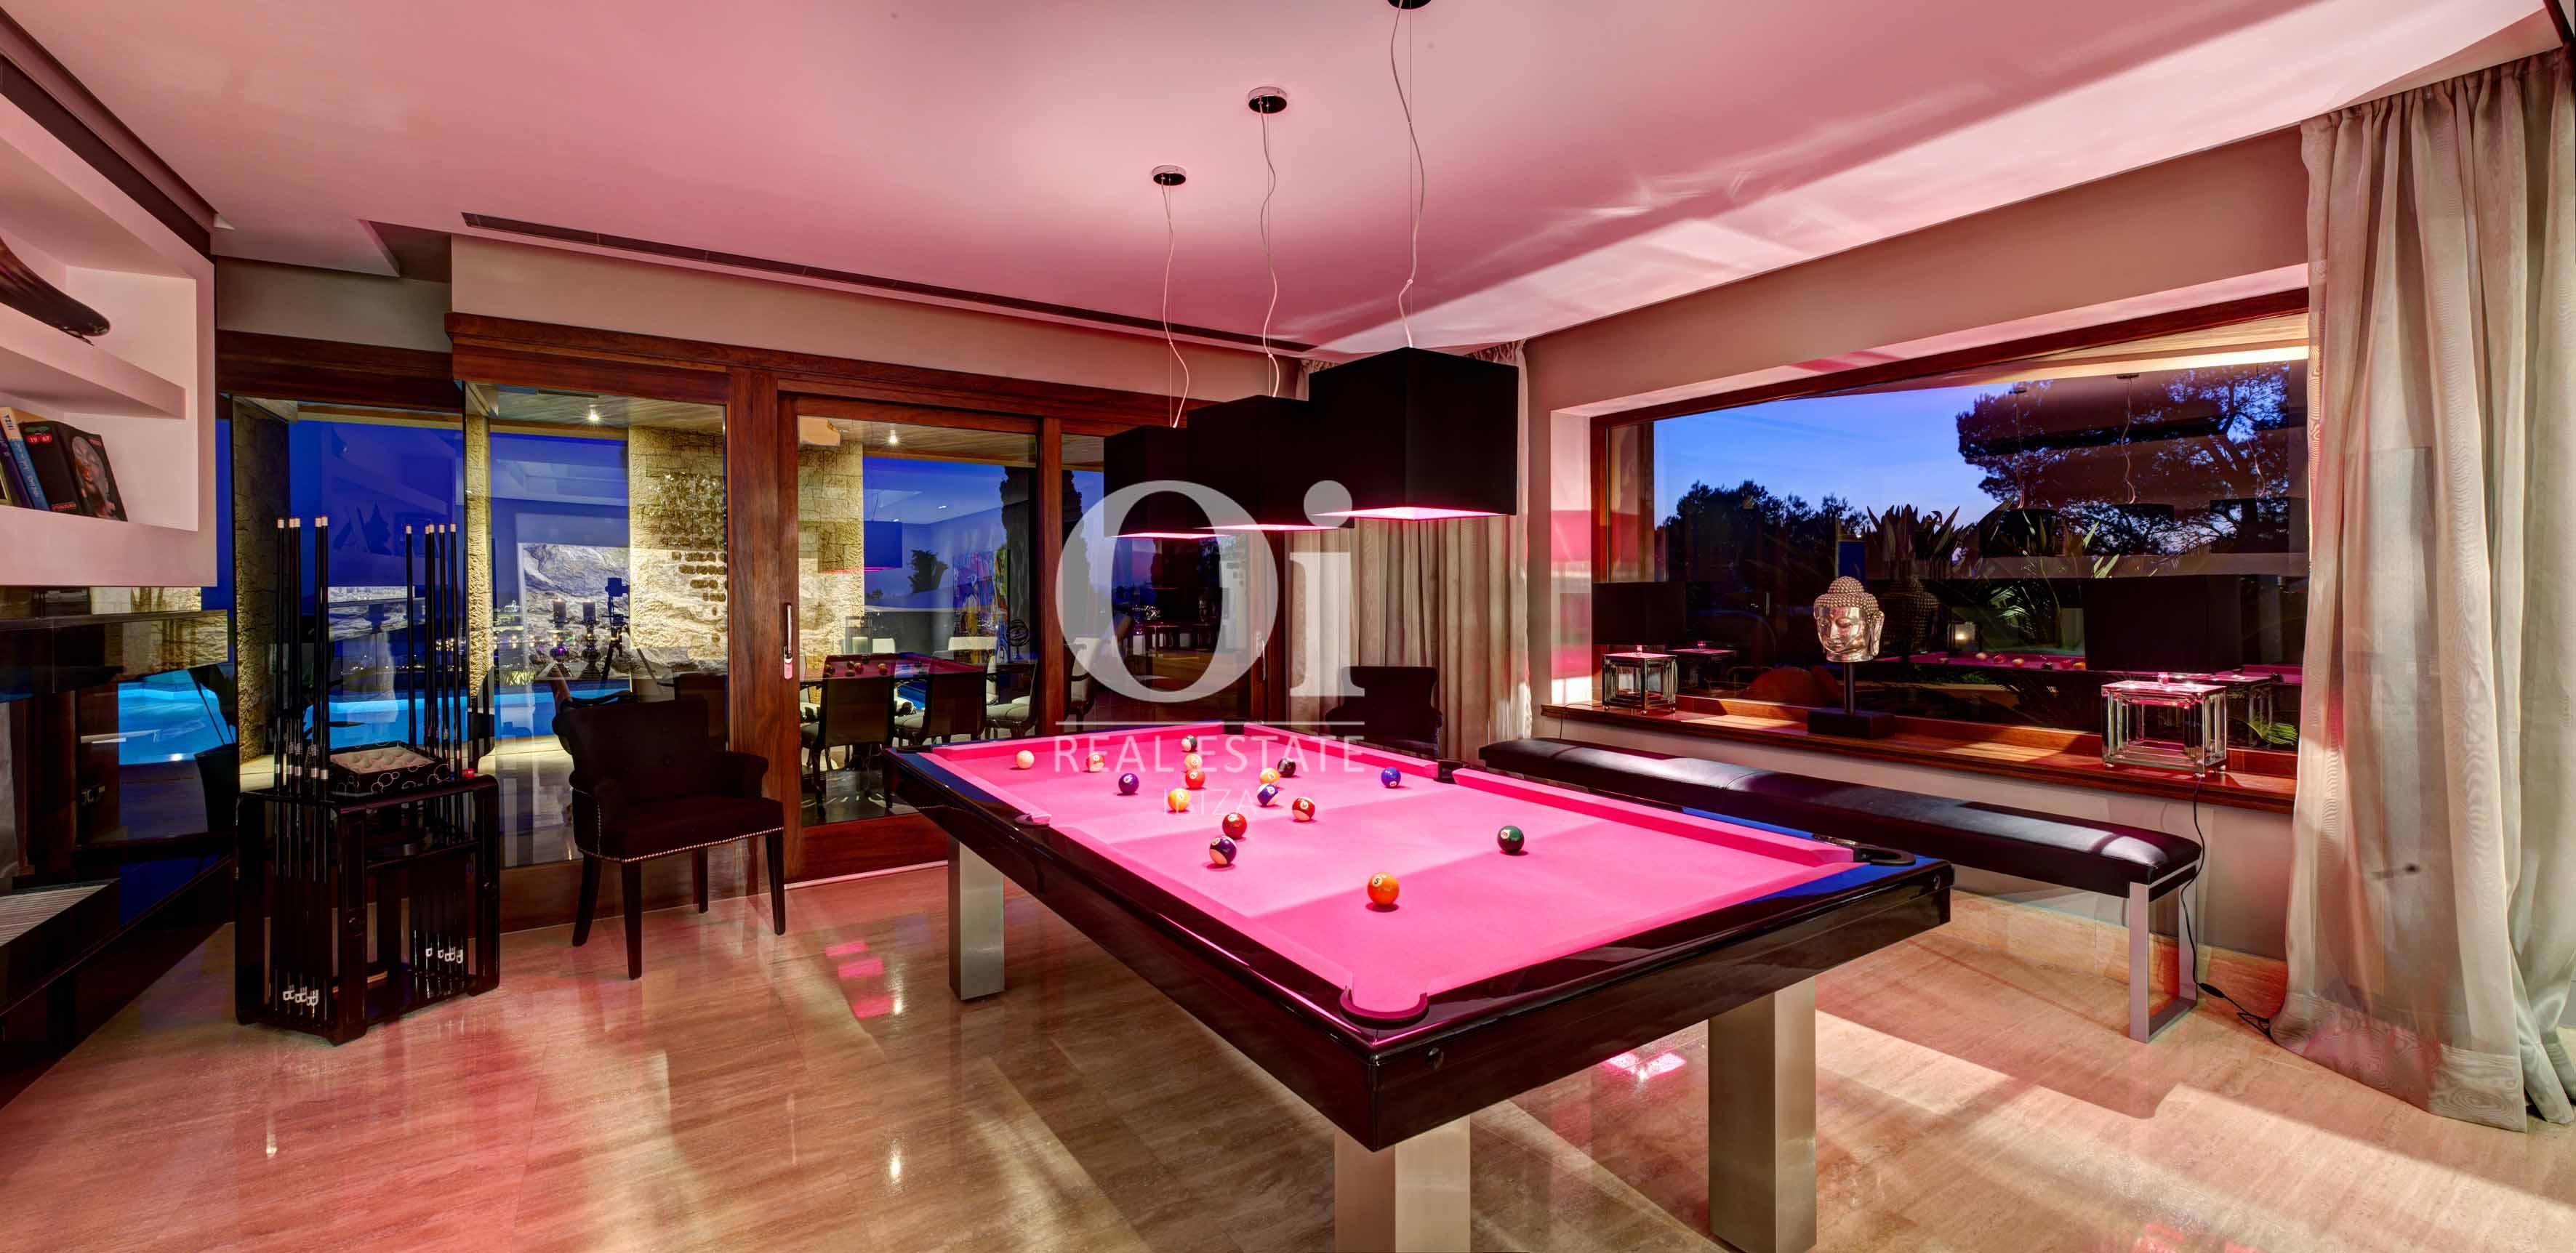 Бильярдная комната в вилле, доступной для арендования в летний период в г. Хесус, Ибица